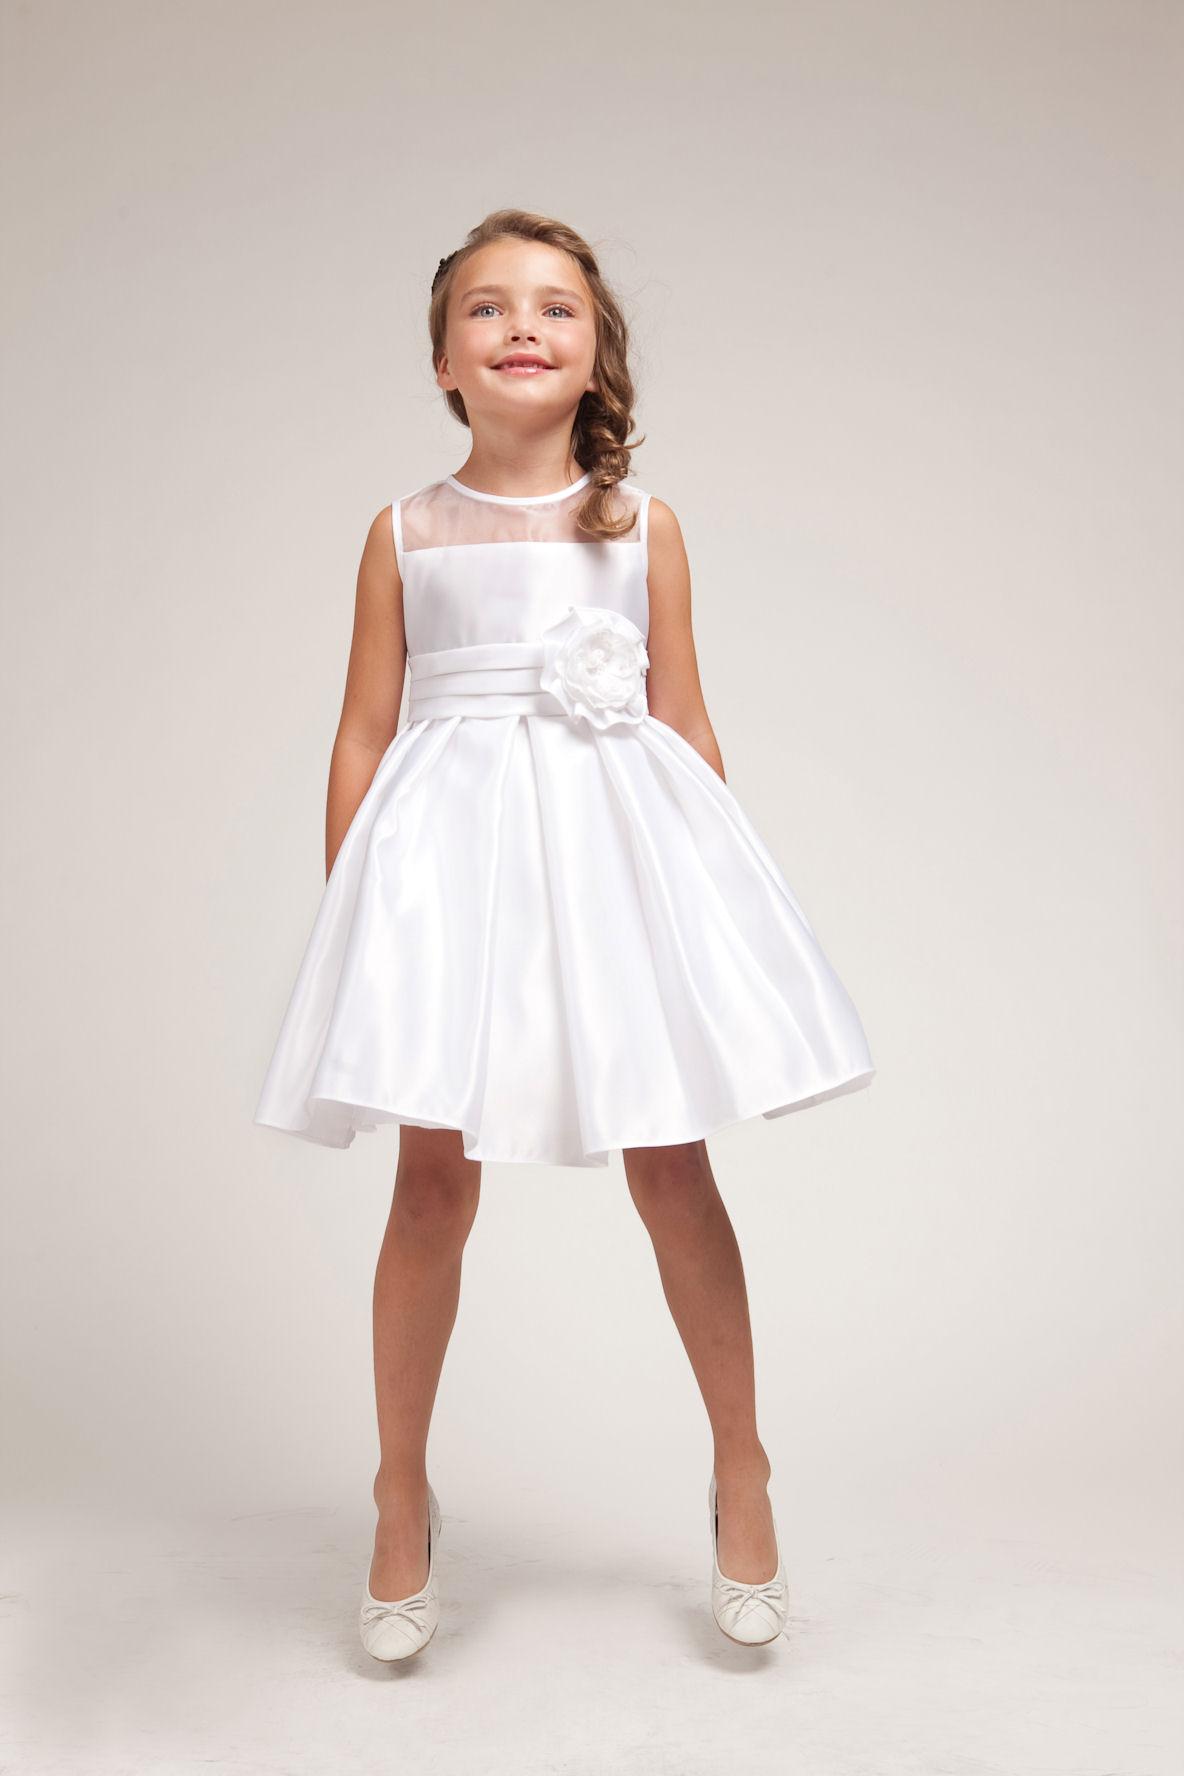 White Dress For Girls - Dress Ty